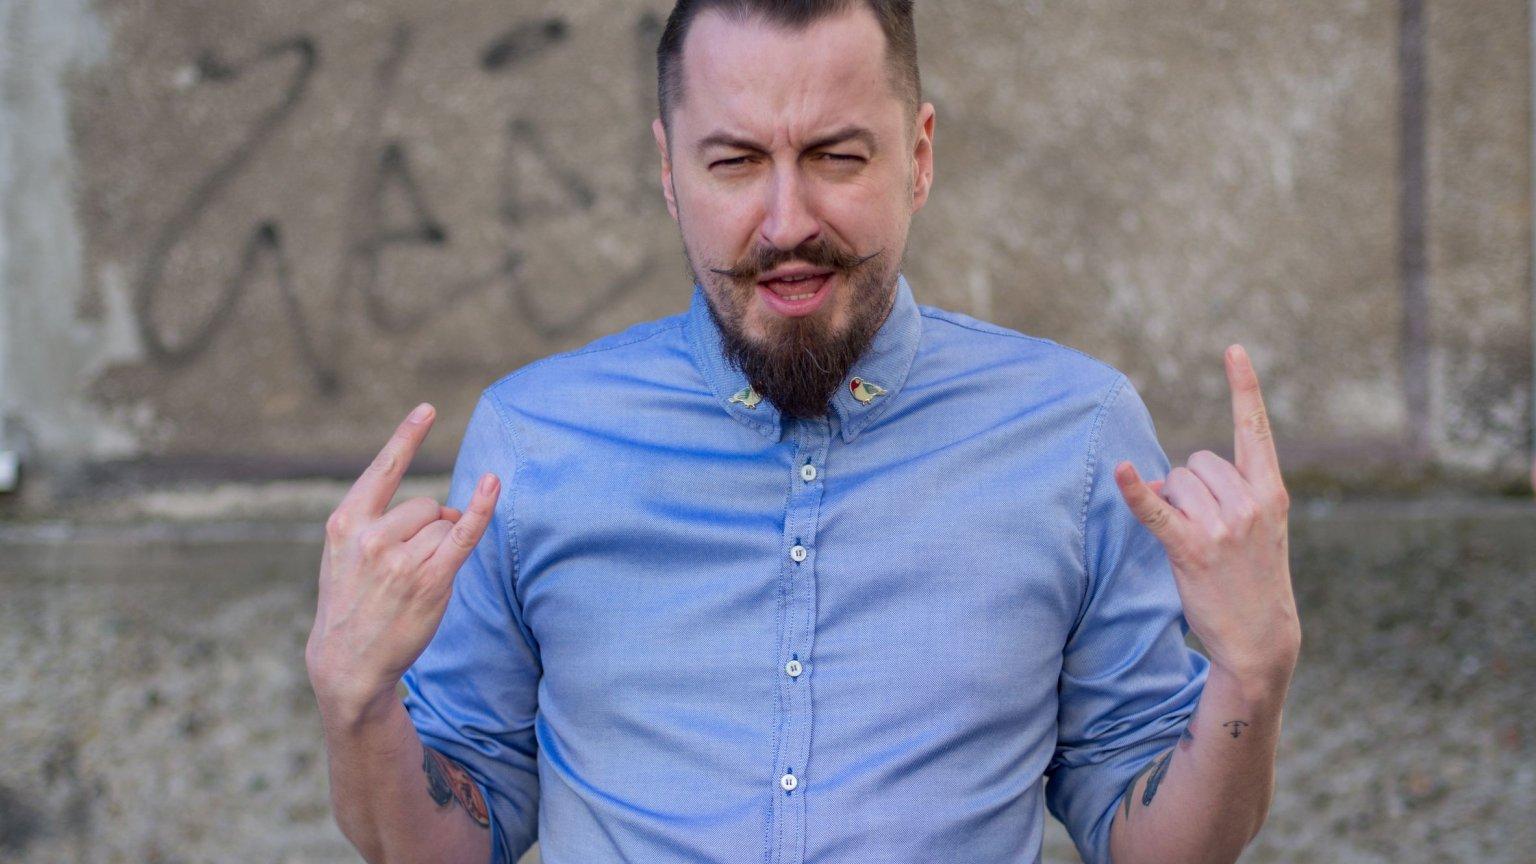 Piotr Kędzior Kędzierski